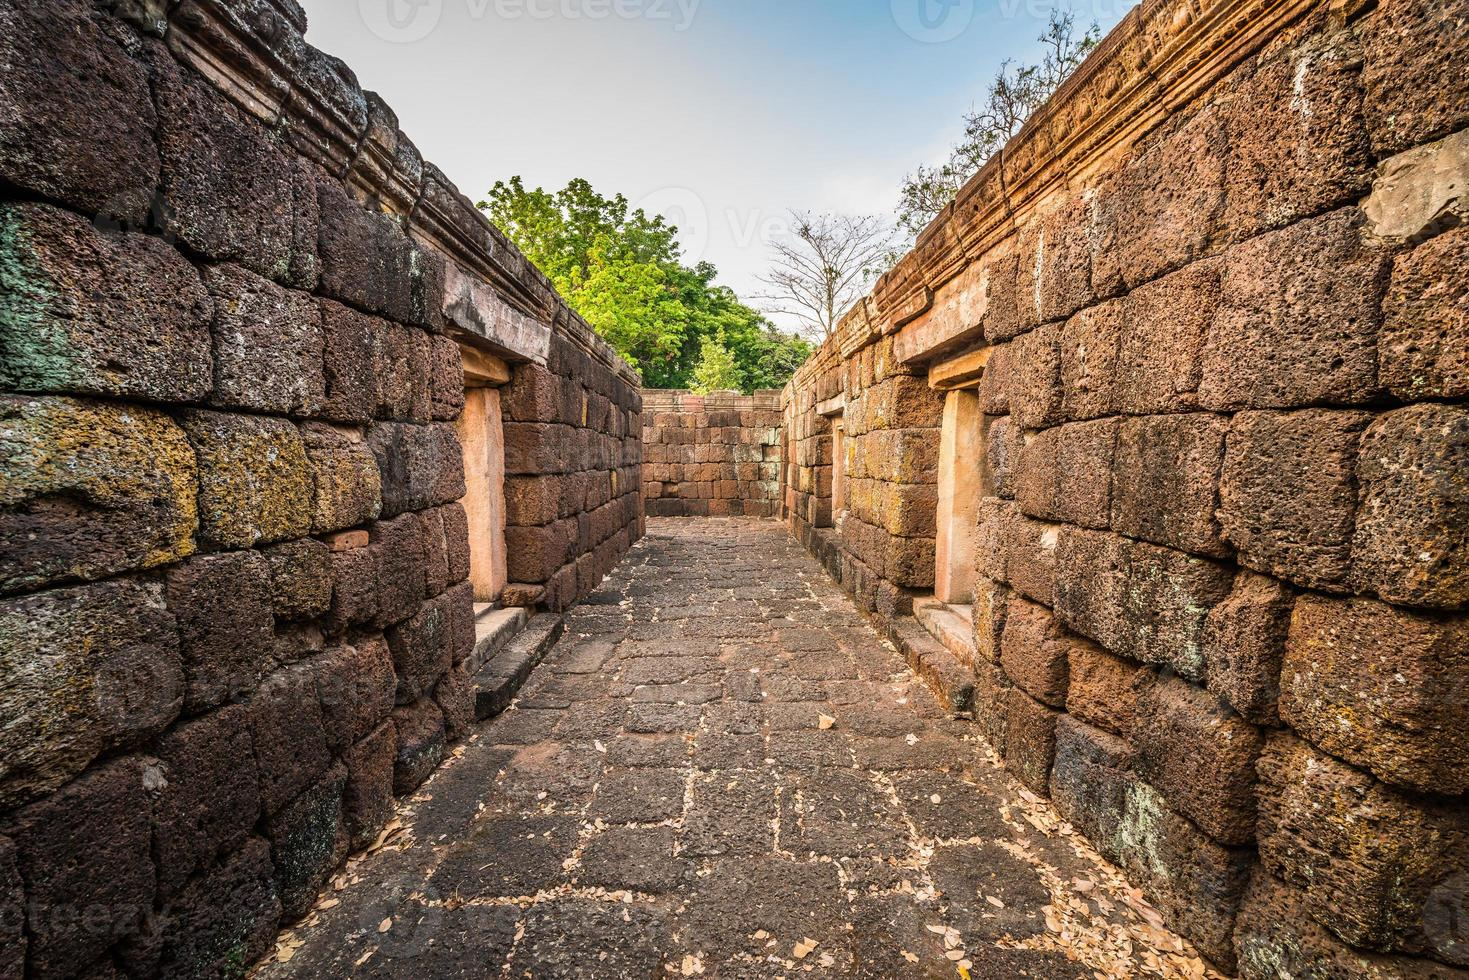 Phanom ha suonato il parco storico del castello in Tailandia foto